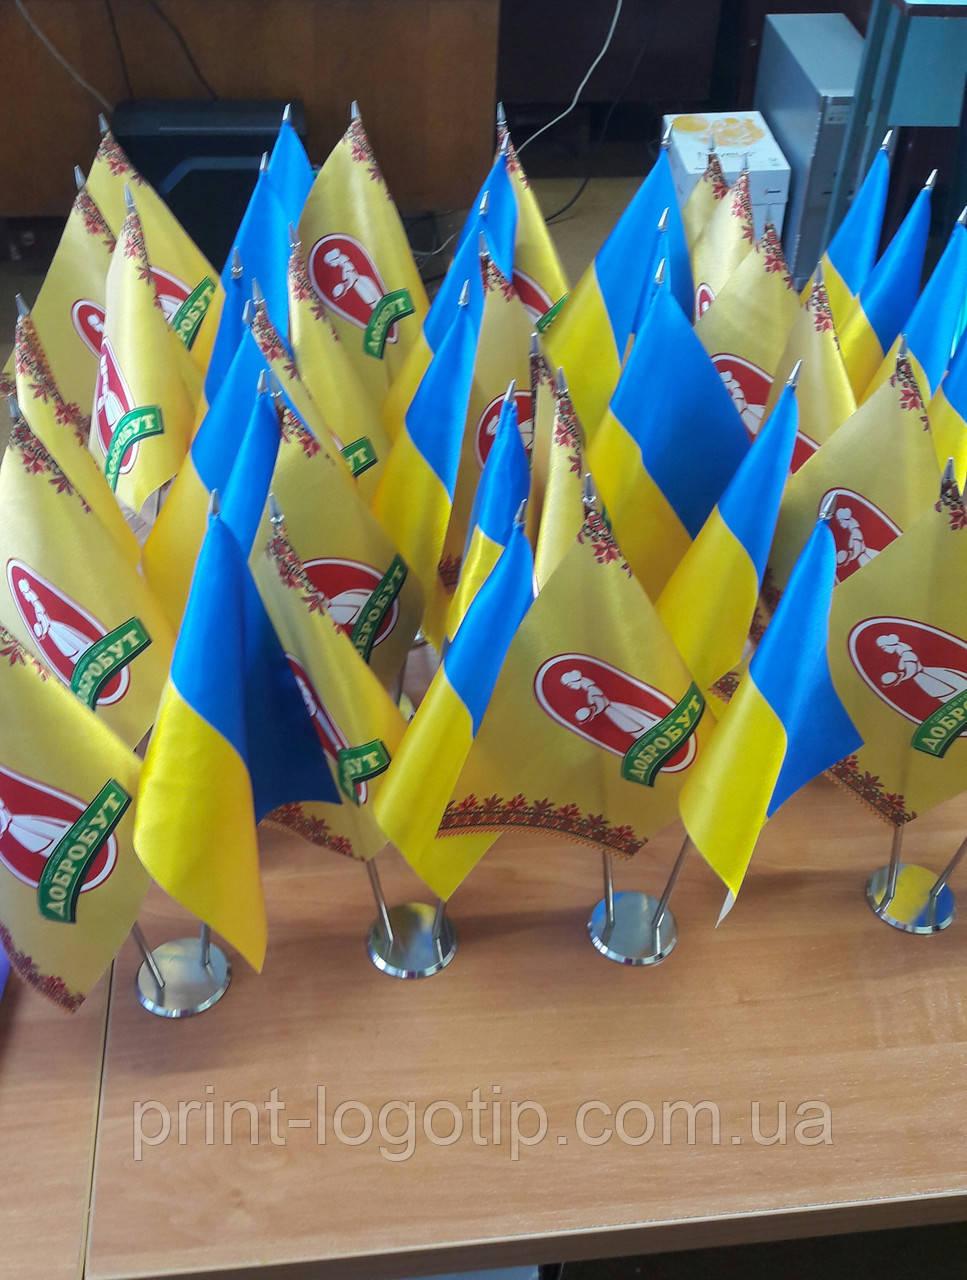 Изготовление флажков в Киеве пошив и печать - фото 2